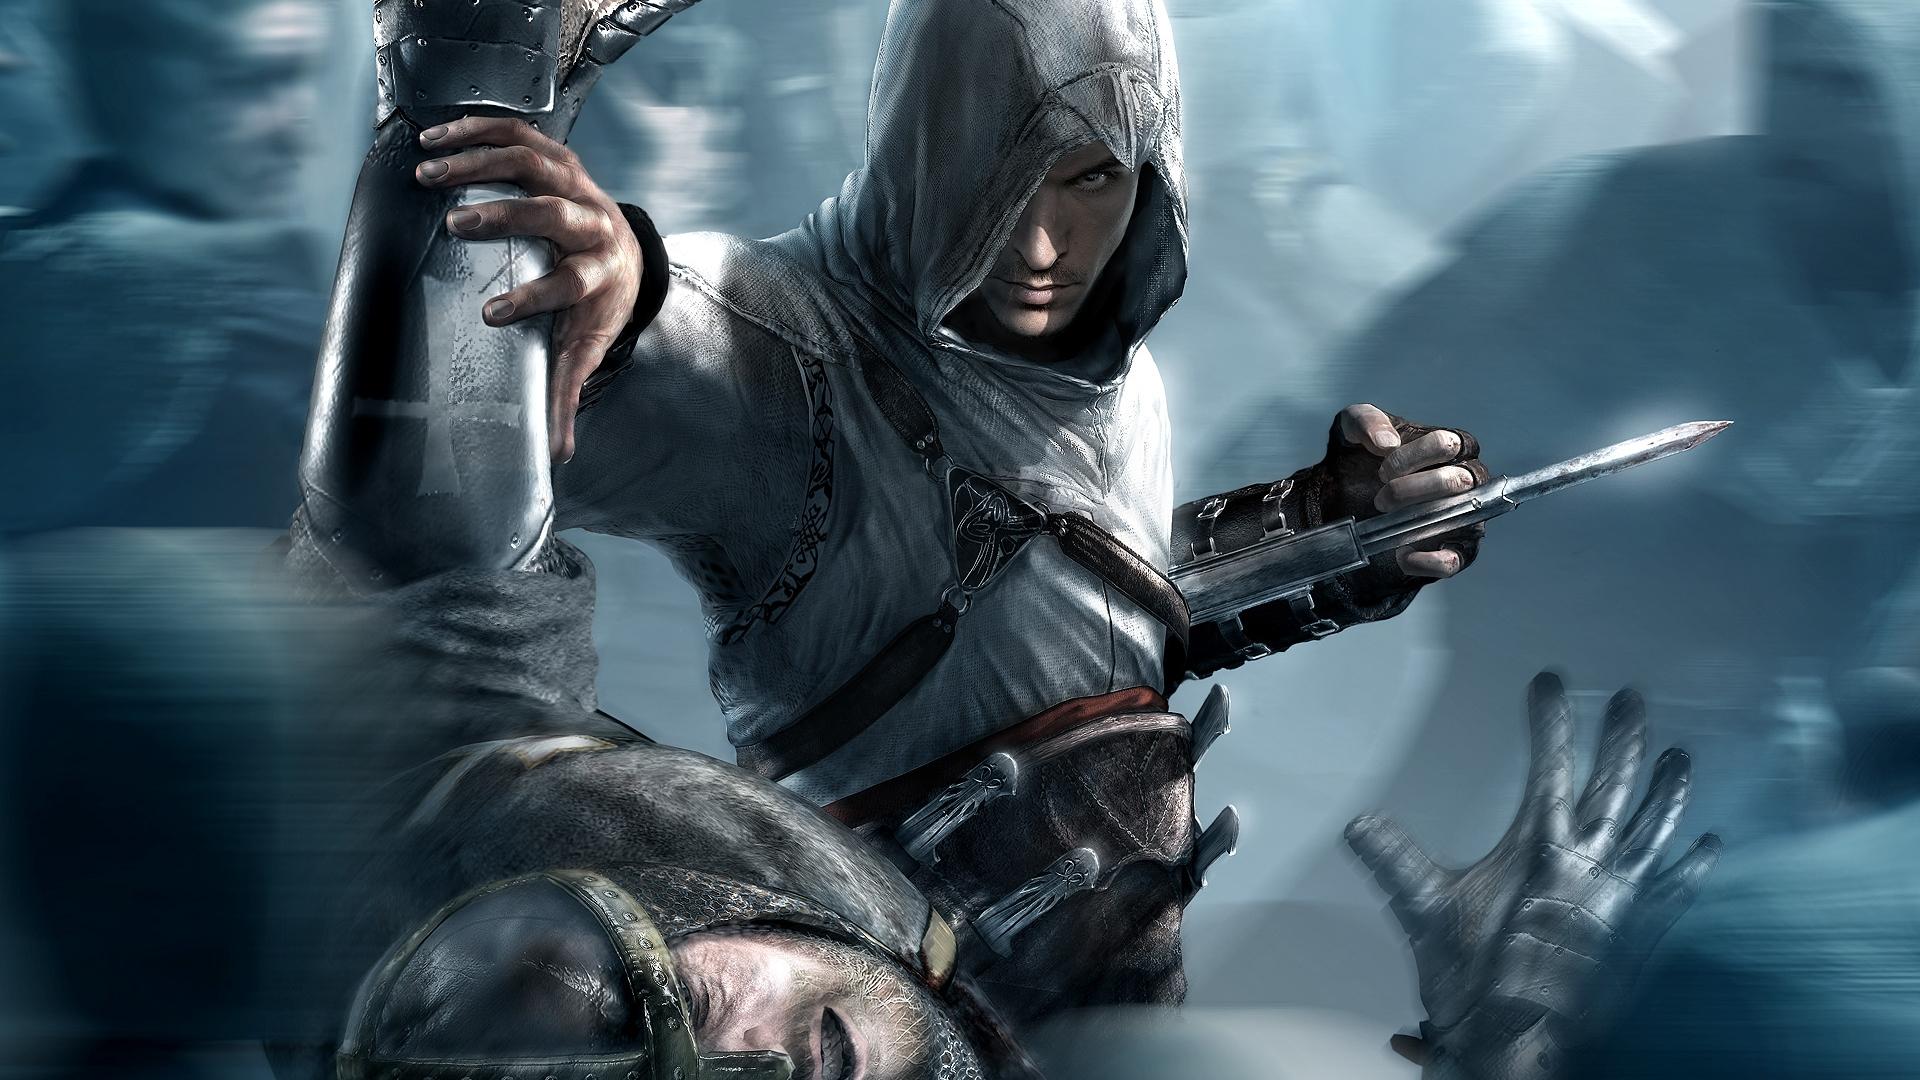 Assassins Creed Fight   1920x1080   169 1920x1080